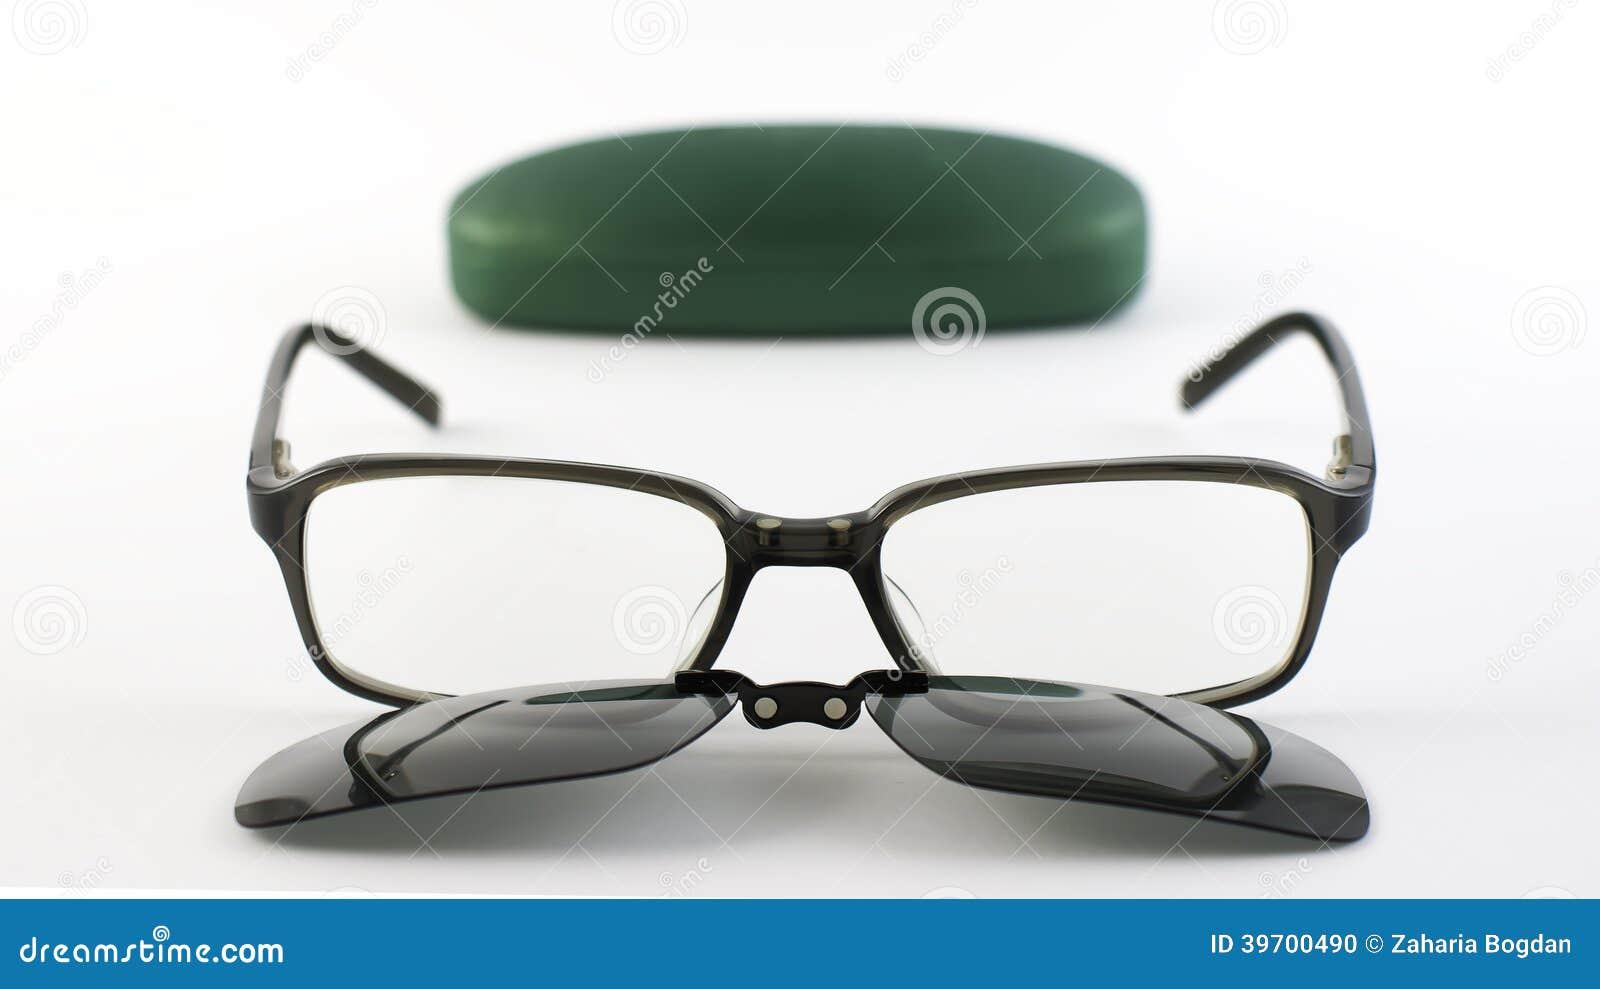 Vidrios Con El Clip Magnético De Las Gafas De Sol Al Lado De Su Caso ...